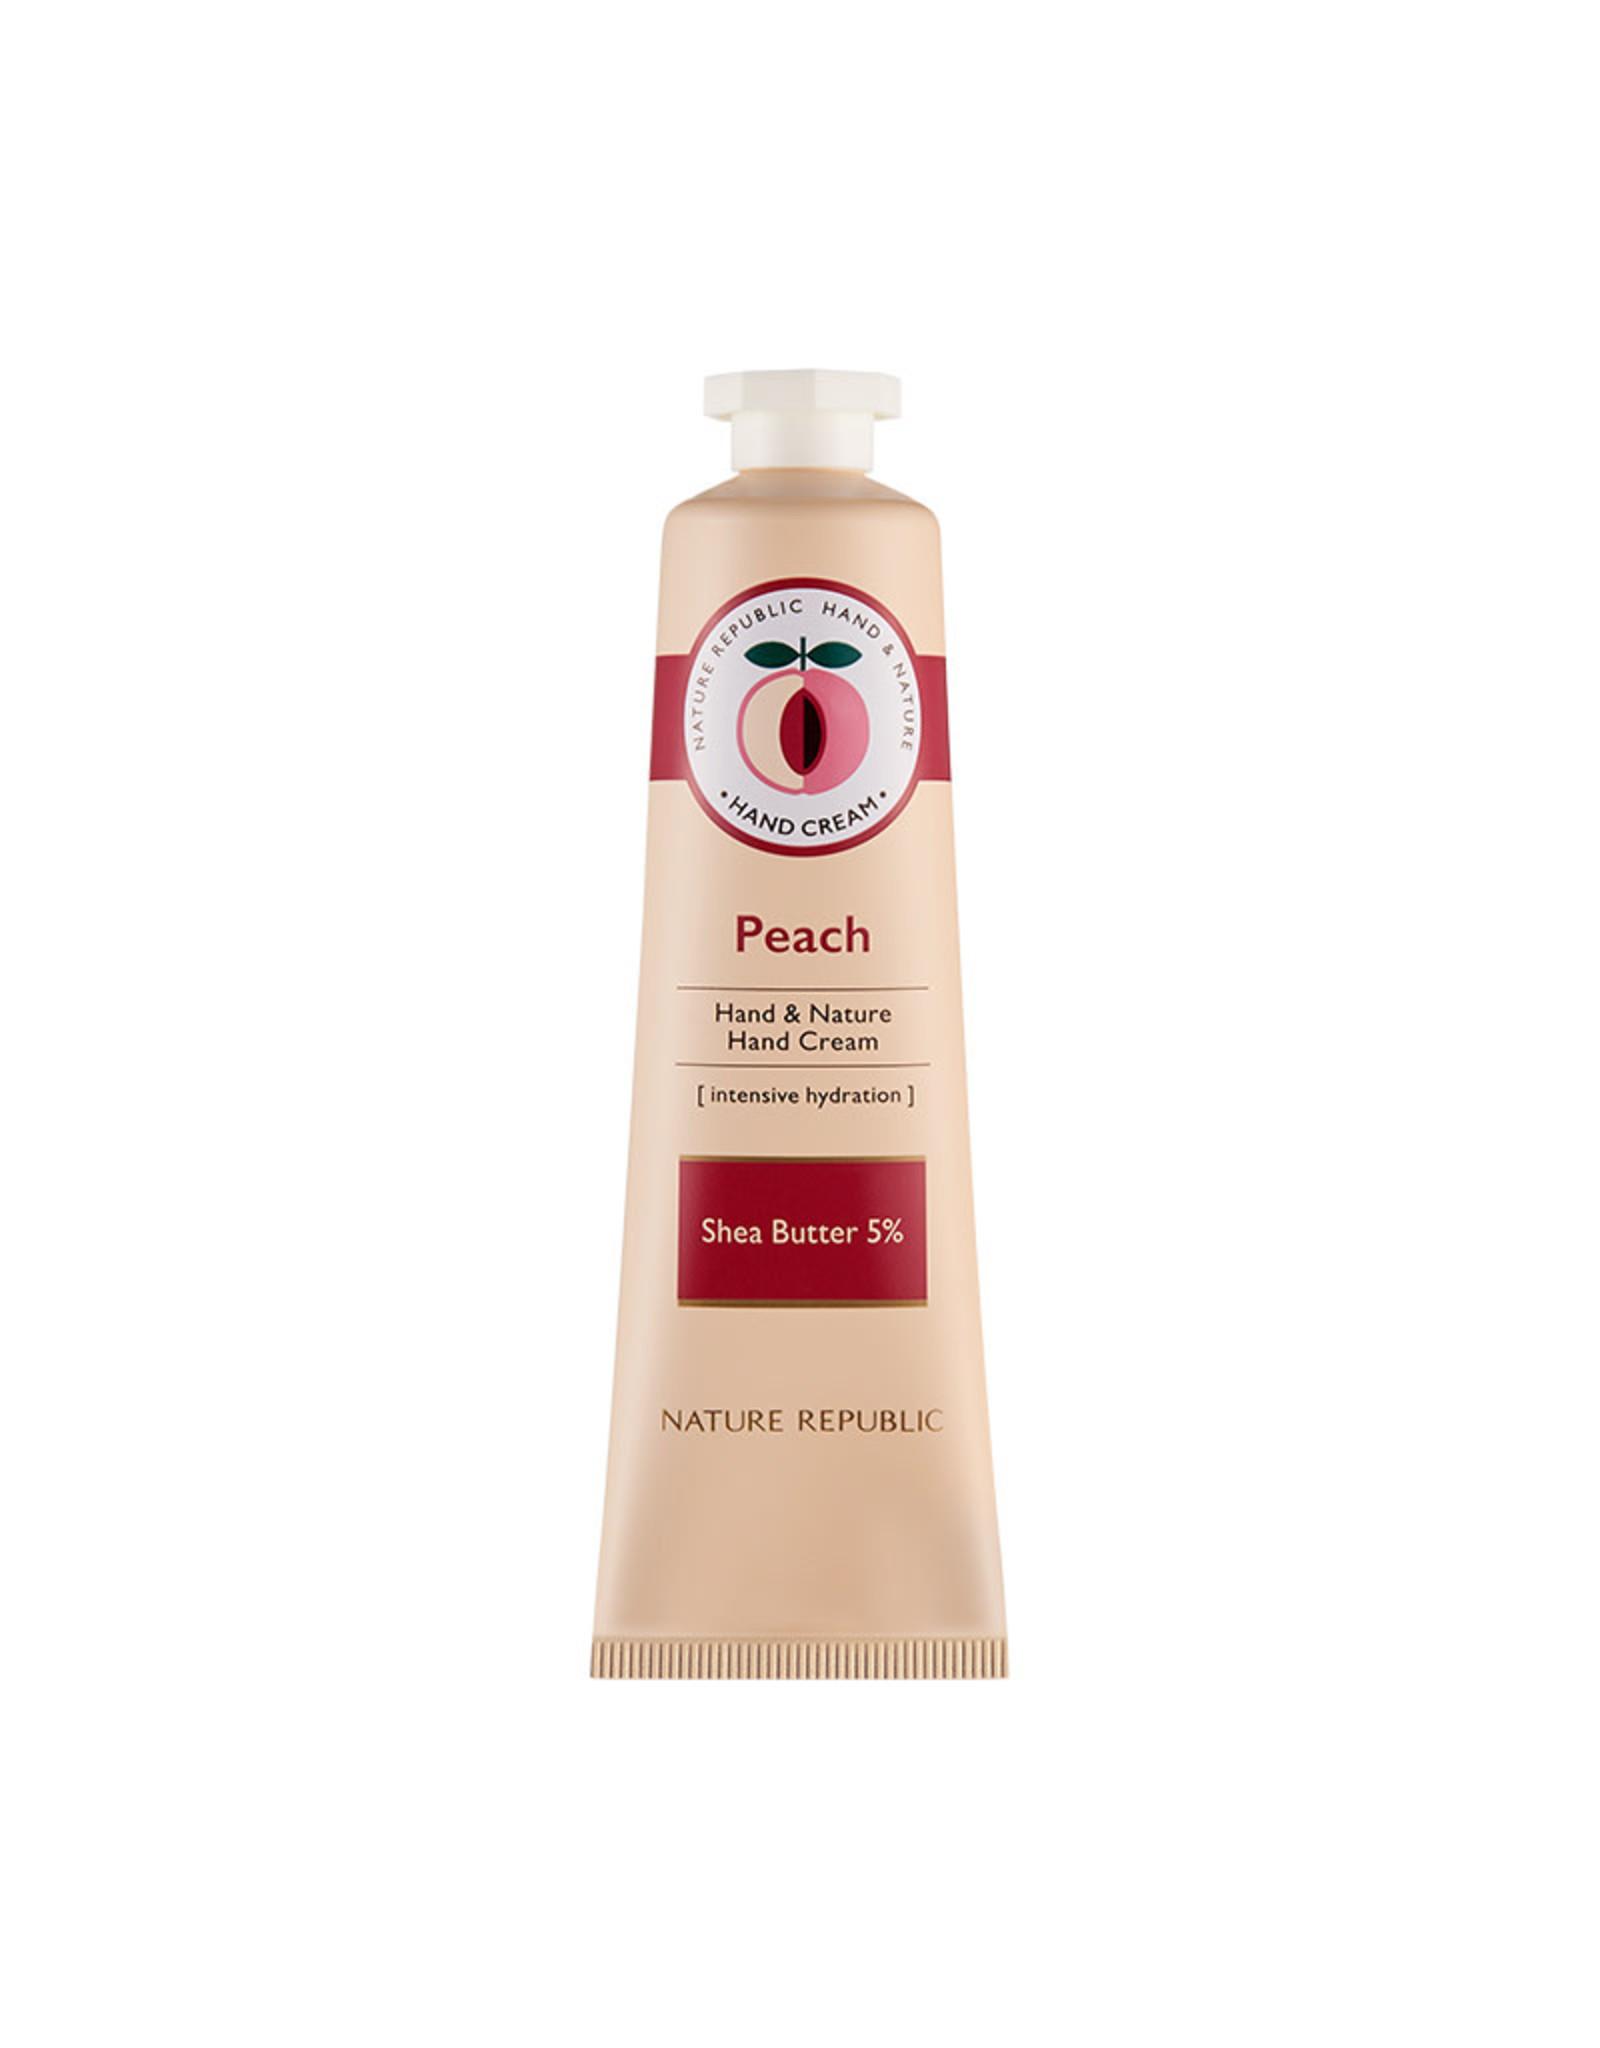 Hand & Nature Hand Cream Peach (Orig $8.90)